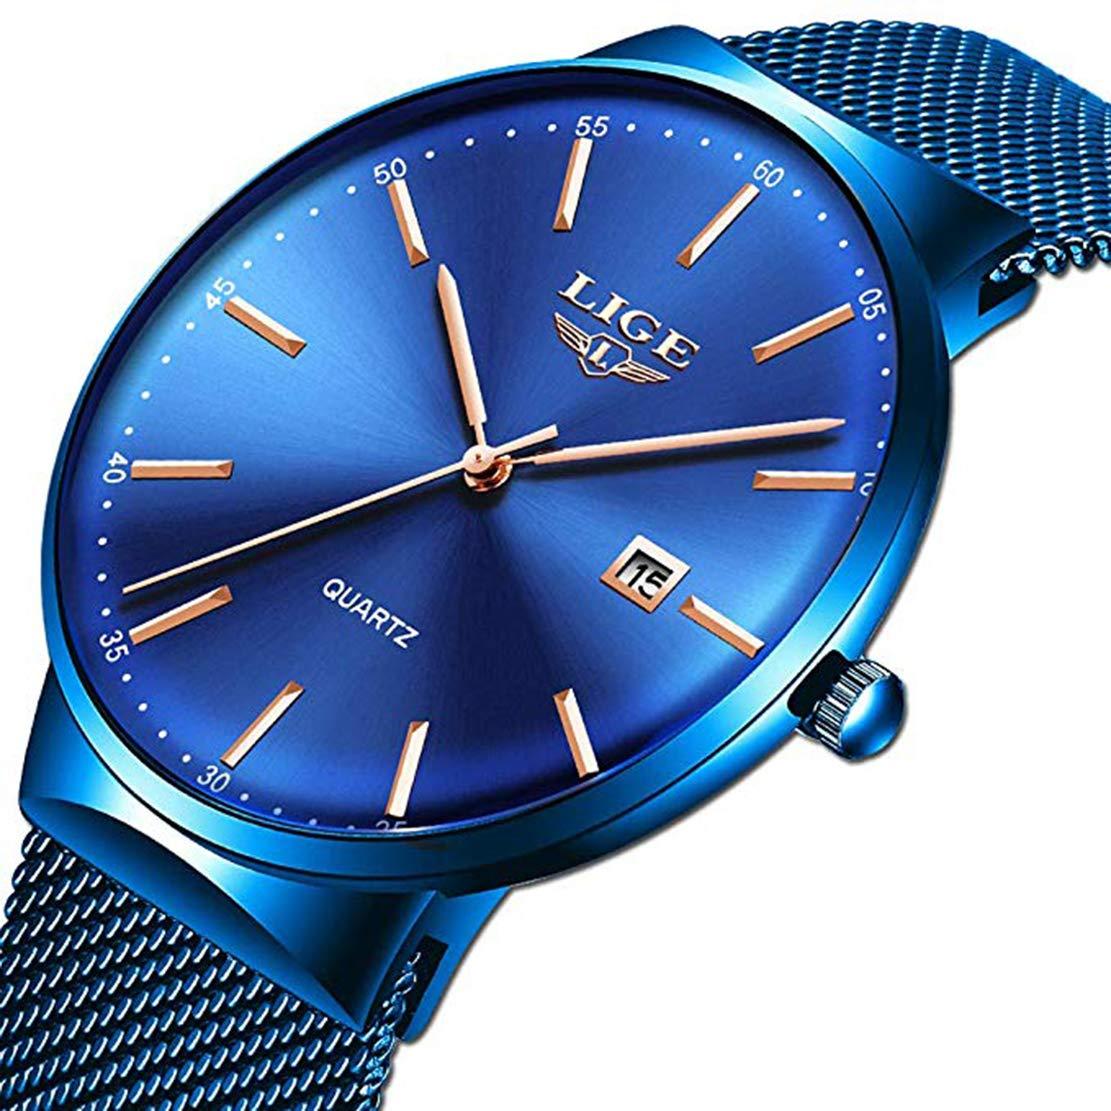 Uhren-Herren-Mode-Wasserdichte-Edelstahl-Herrenuhr-Analoge-Quarz-Armbanduhr-Luxusmarke-LIGE-Uhr-Blau-Kleid-Kalender-Uhr-Mesh-Band